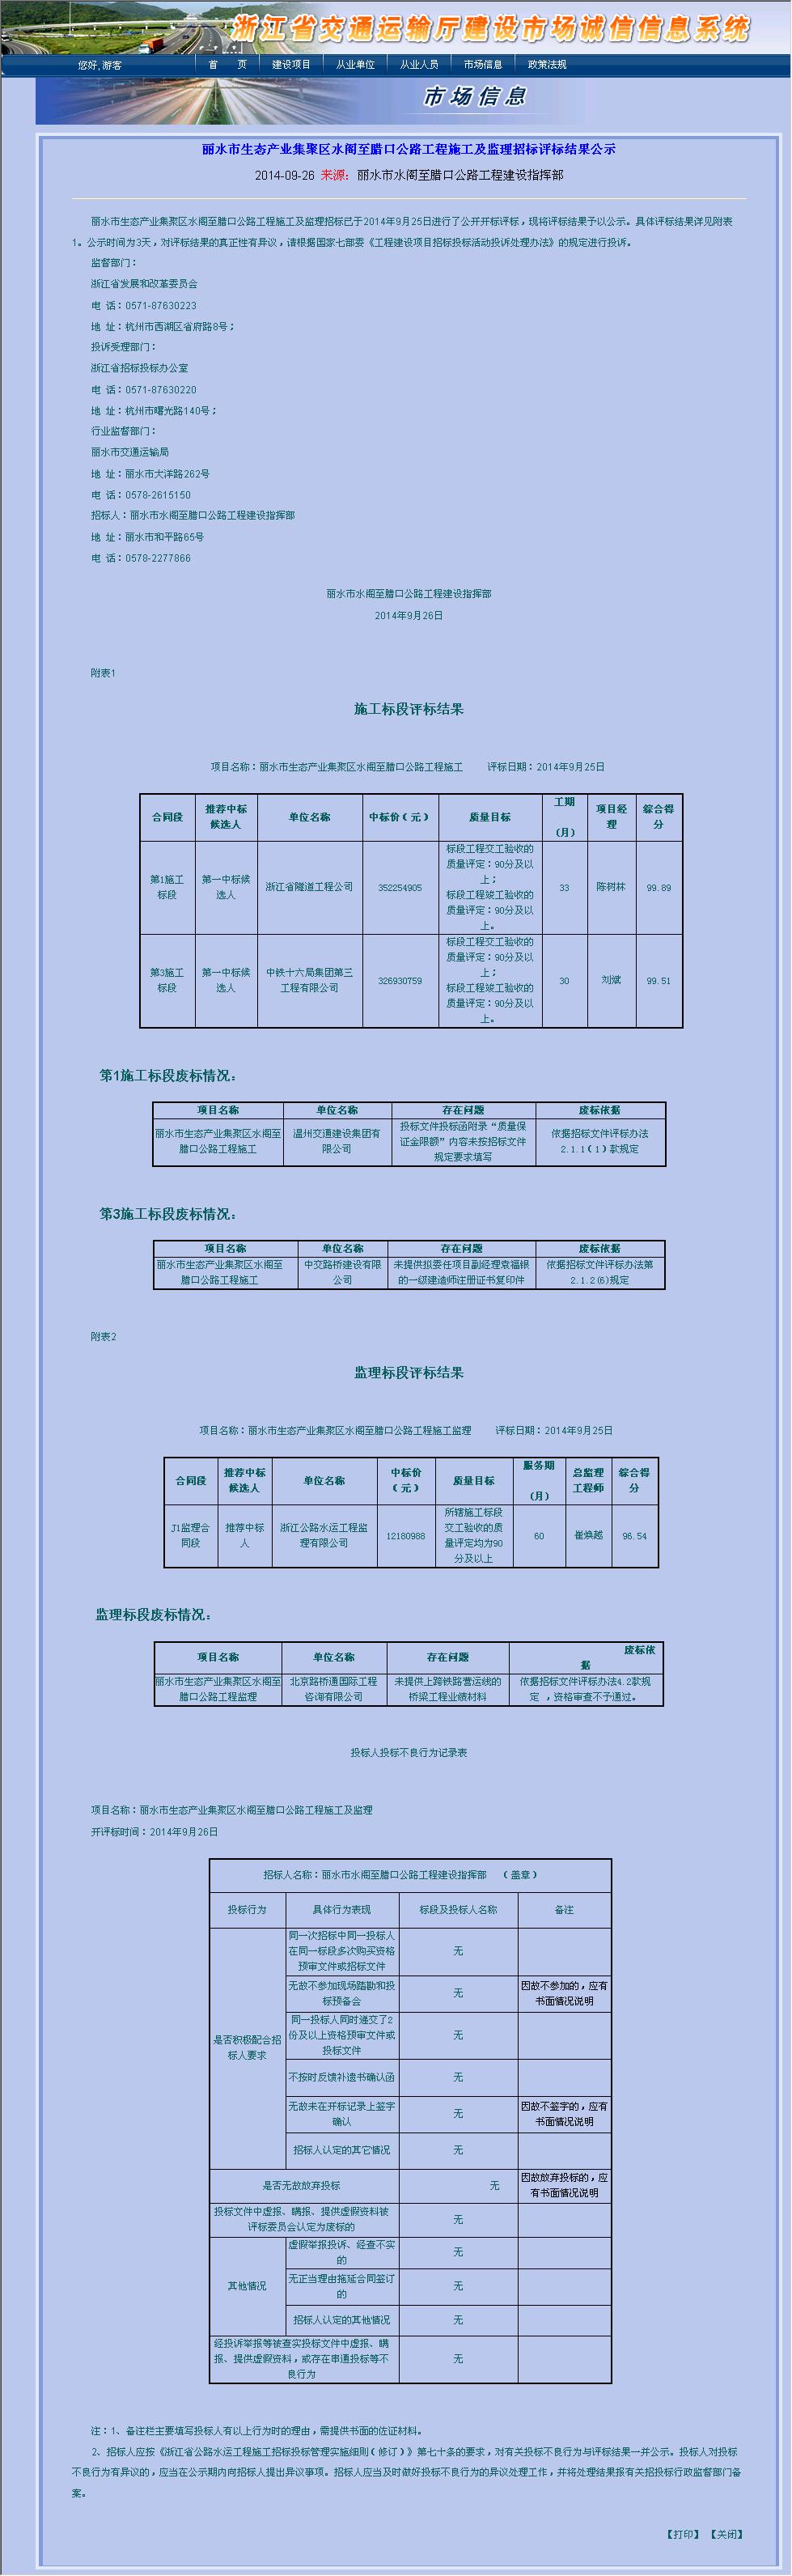 浙江省隧道工程公司 丽水市生态产业集聚区水阁至腊口图片